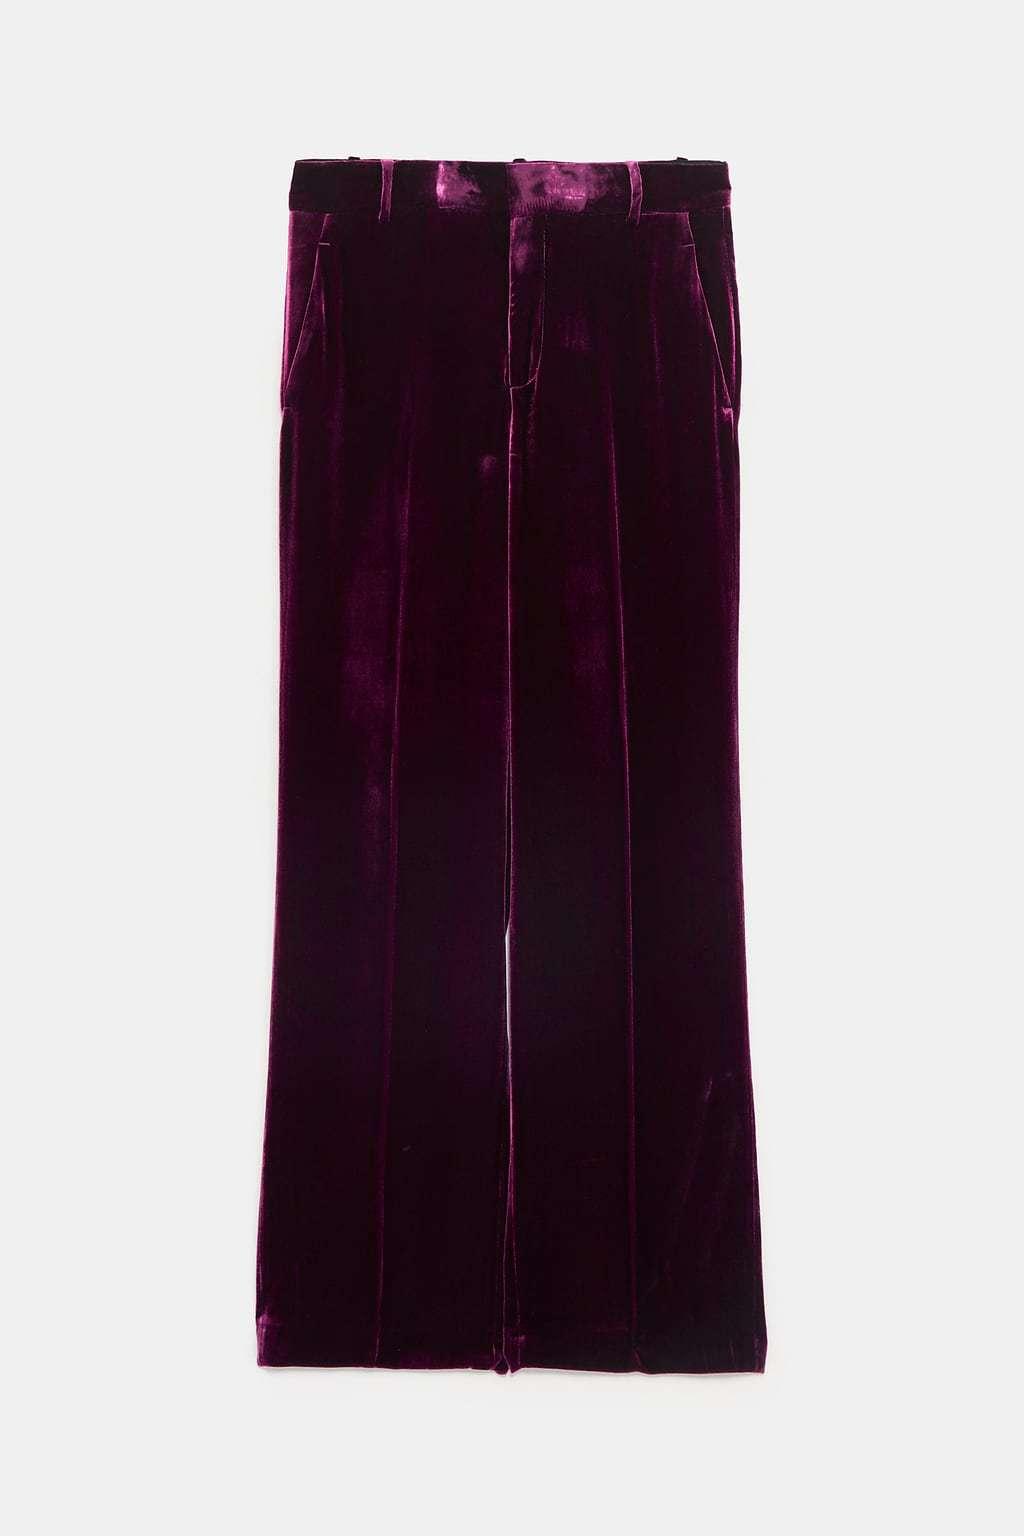 Pantalón pata ancha en tercio pelo morado, de Zara (49,95 euros):